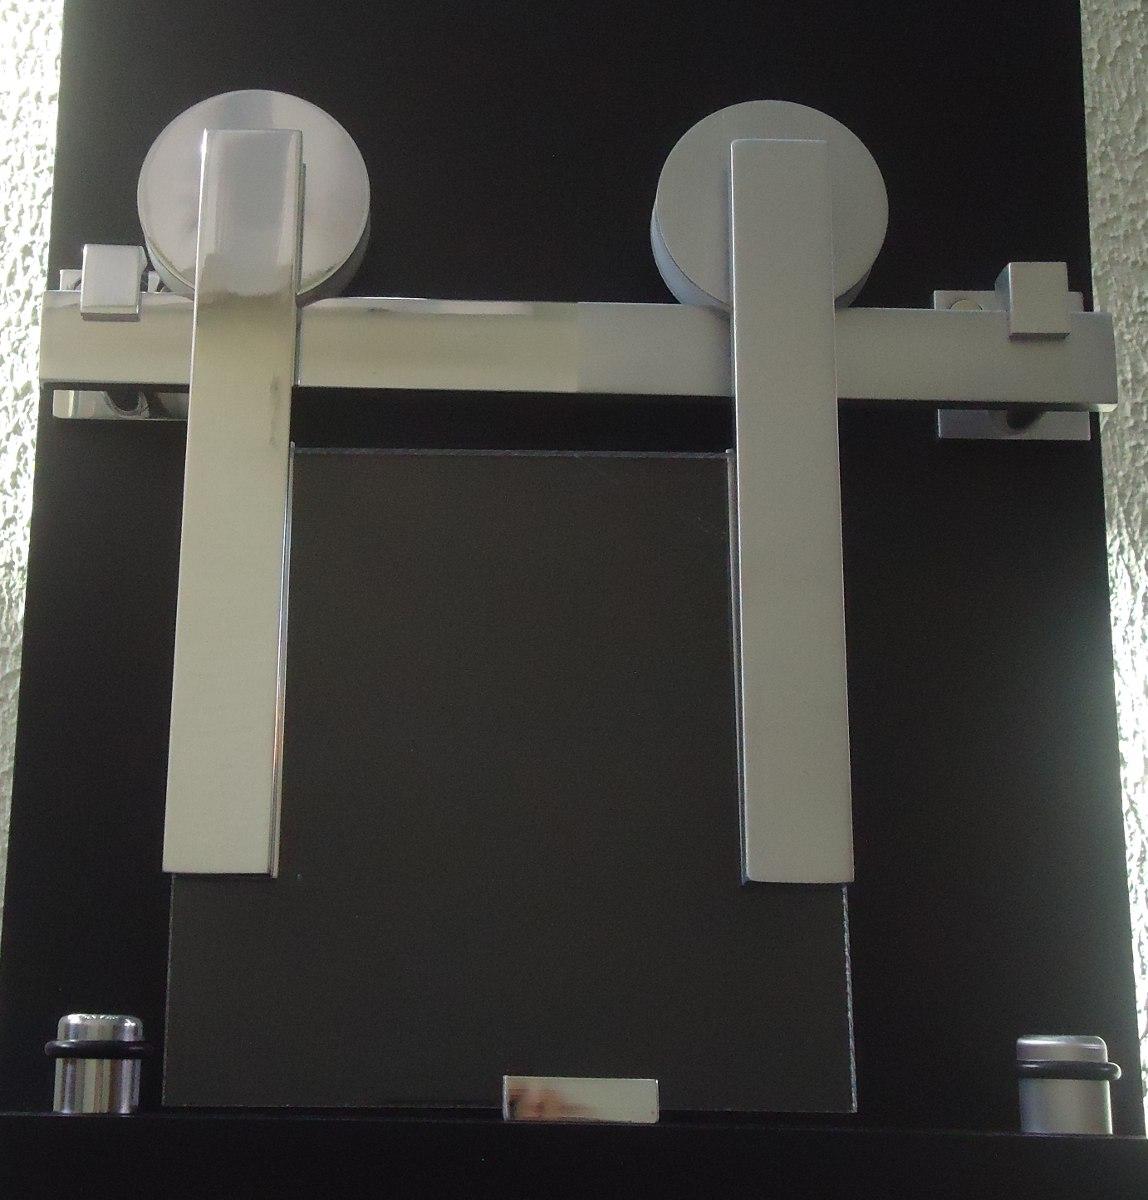 #5C4F47 kit porta de correr roldana aparente para porta de vidro 1362 Preços De Janelas De Aluminio Leroy Merlin